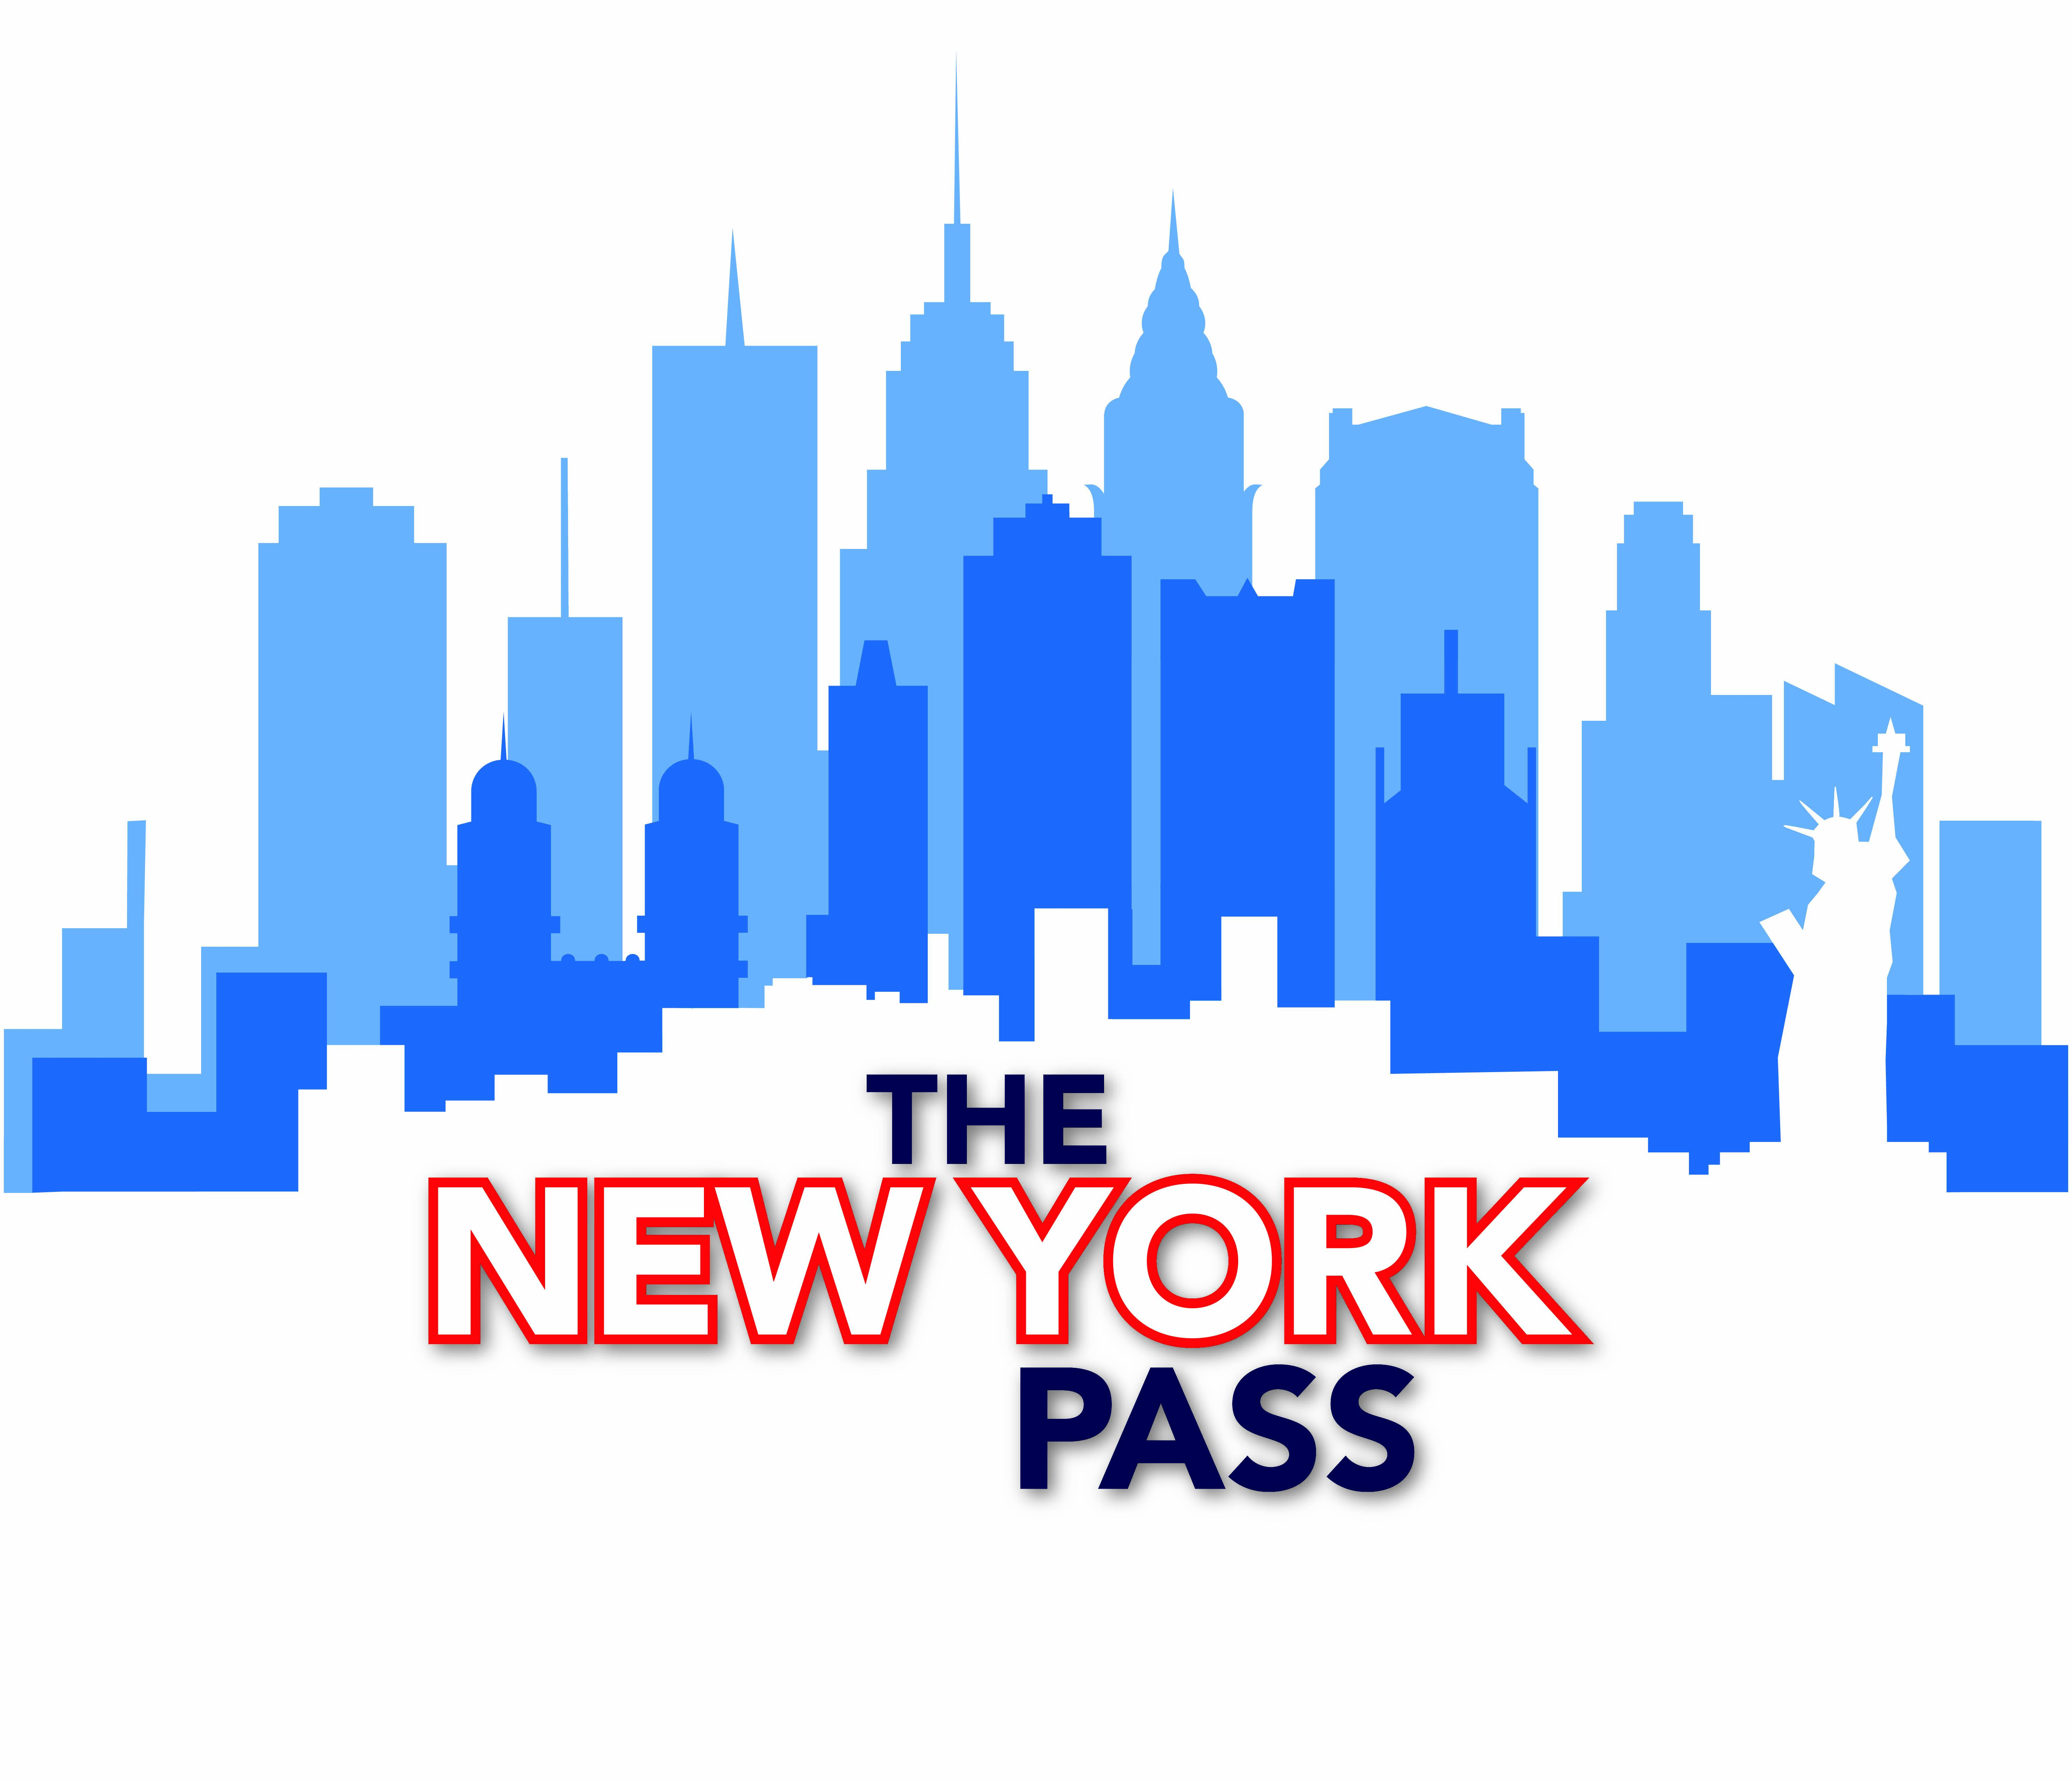 The New York Pass 2016